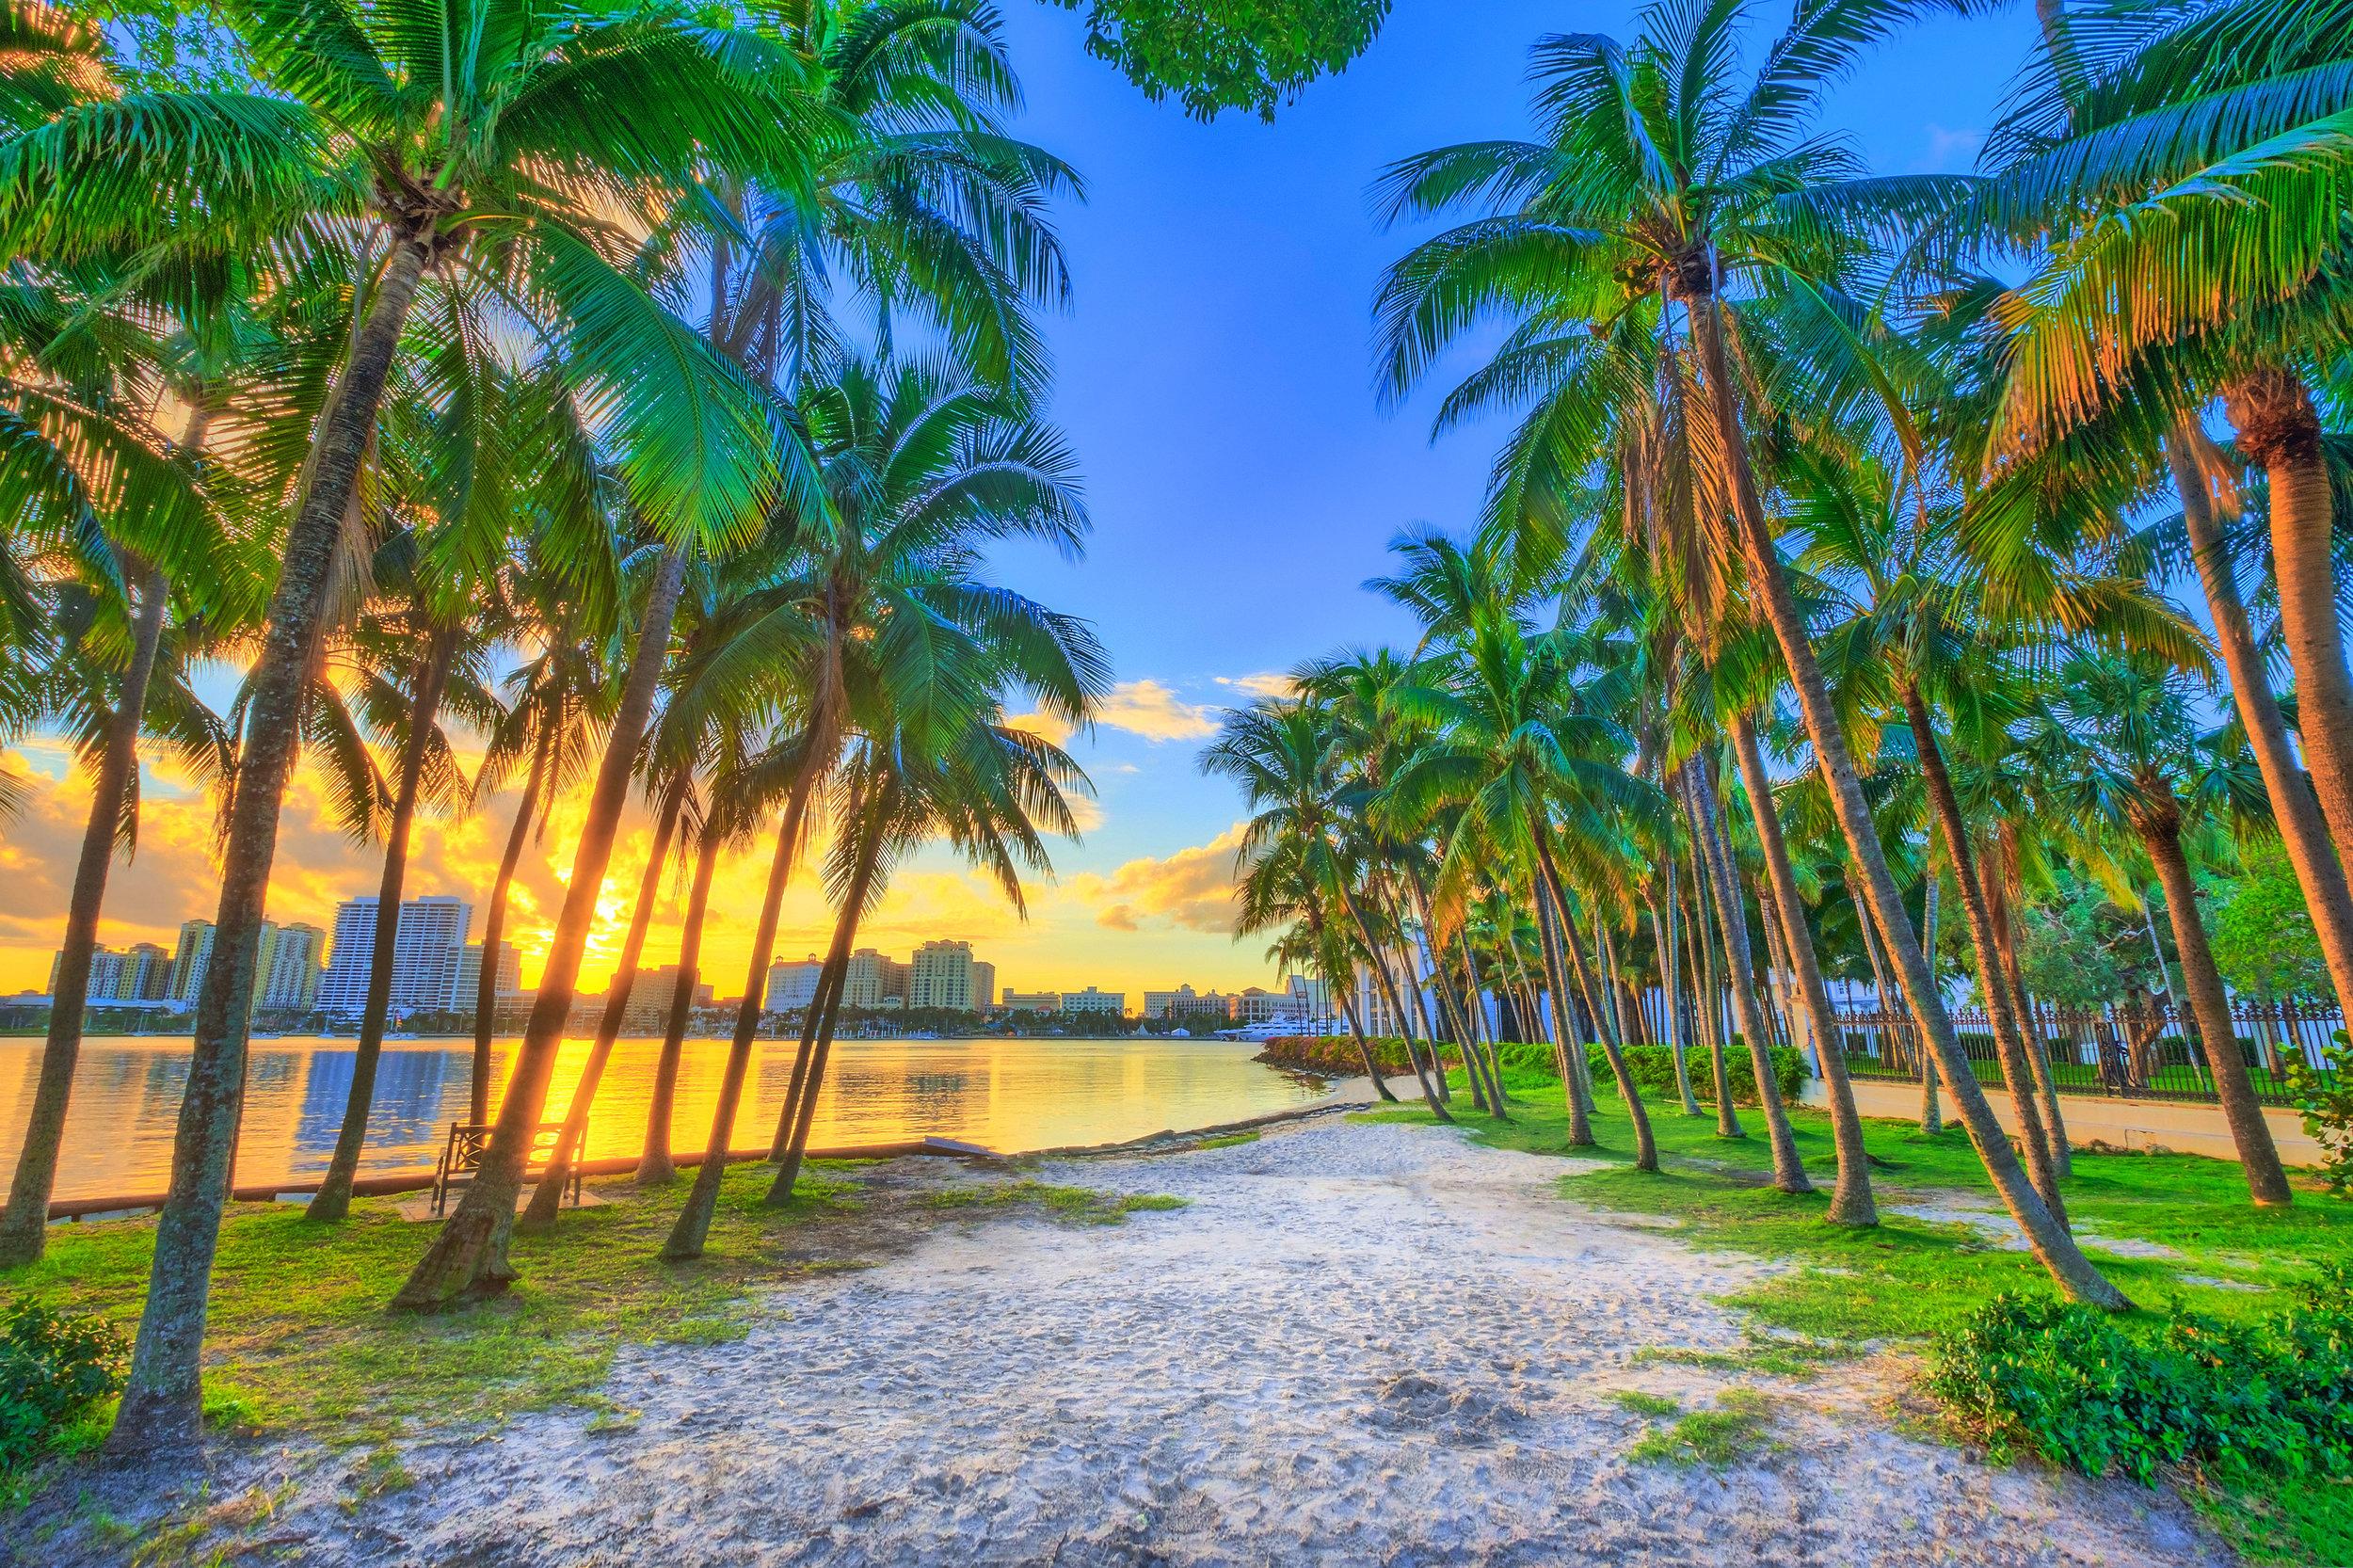 Sunset-waterway.jpg